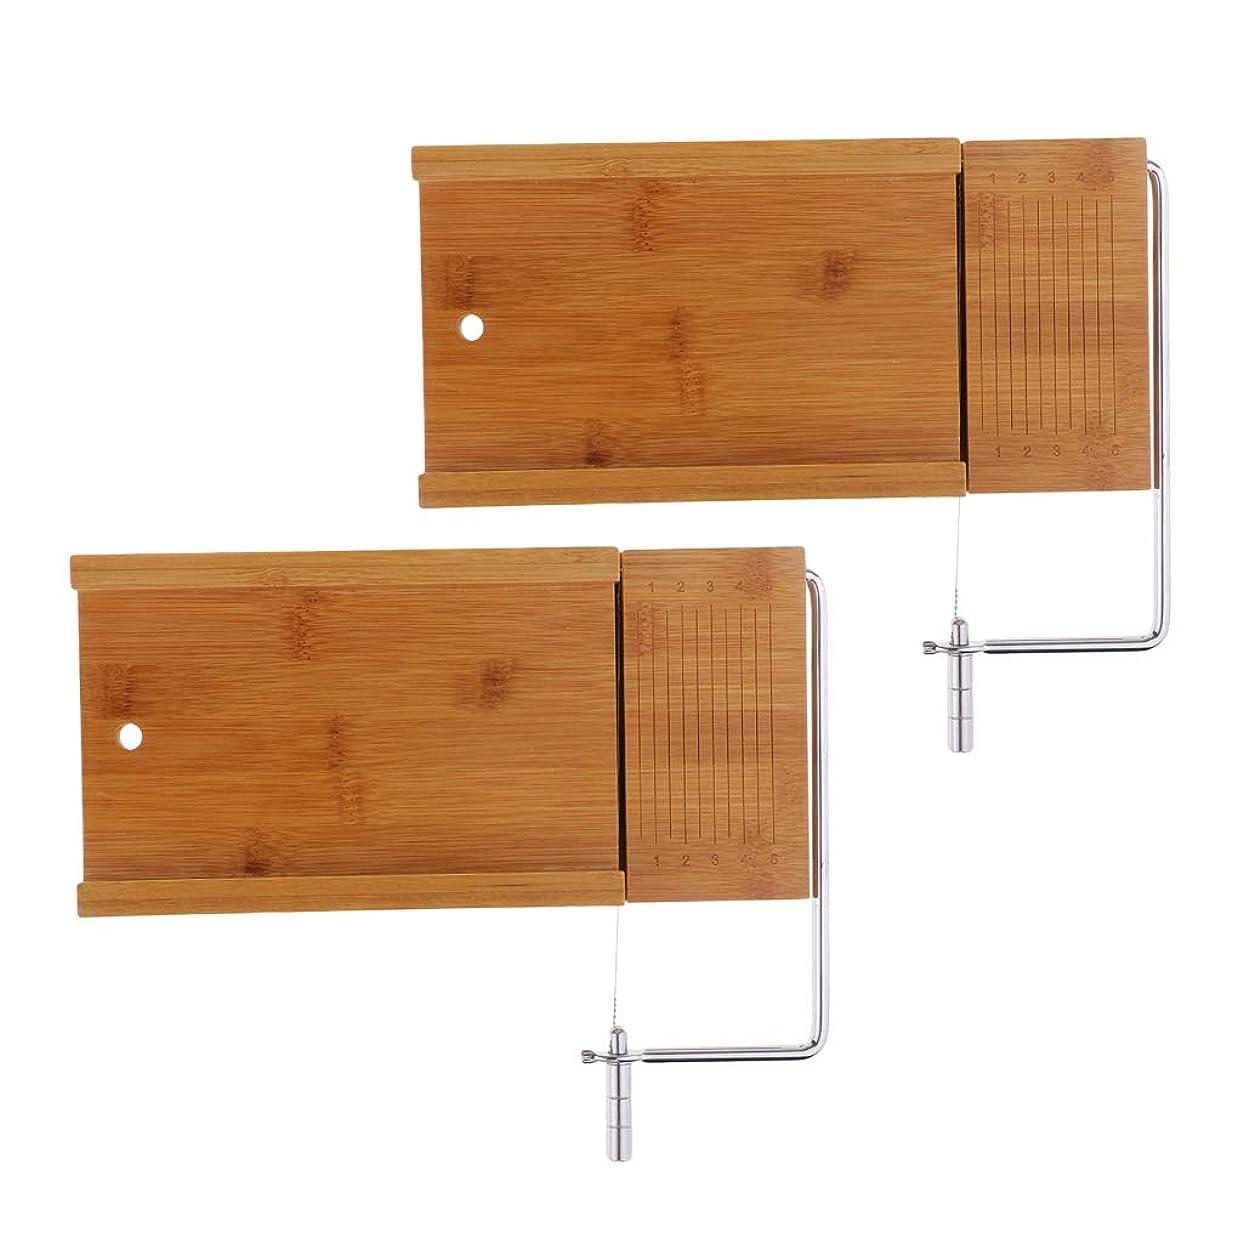 グッゲンハイム美術館カートリッジマイクFenteer 石鹸のカッター 木質 ソープ切削工具 せっけんスライサー ワイヤースライサー ステンレス鋼 2個セット